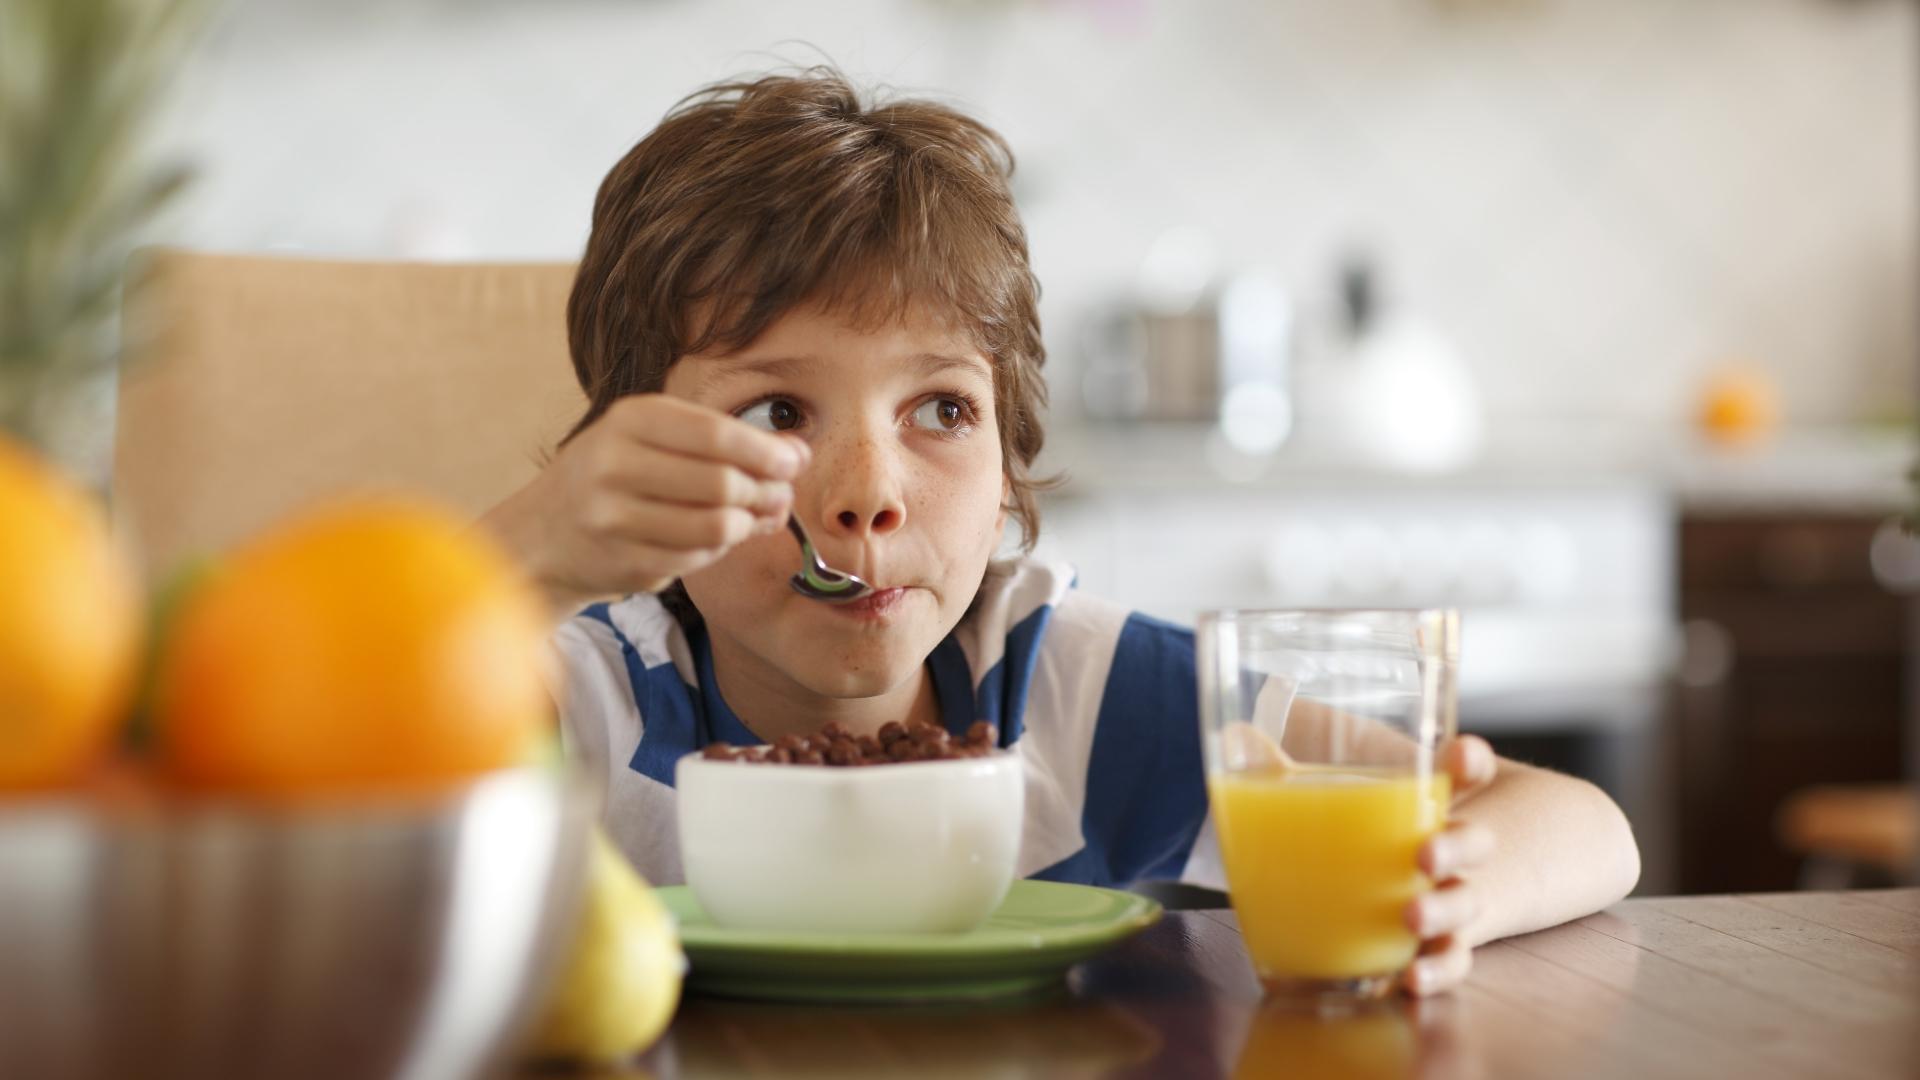 Ежедневный завтрак защитит от диабета